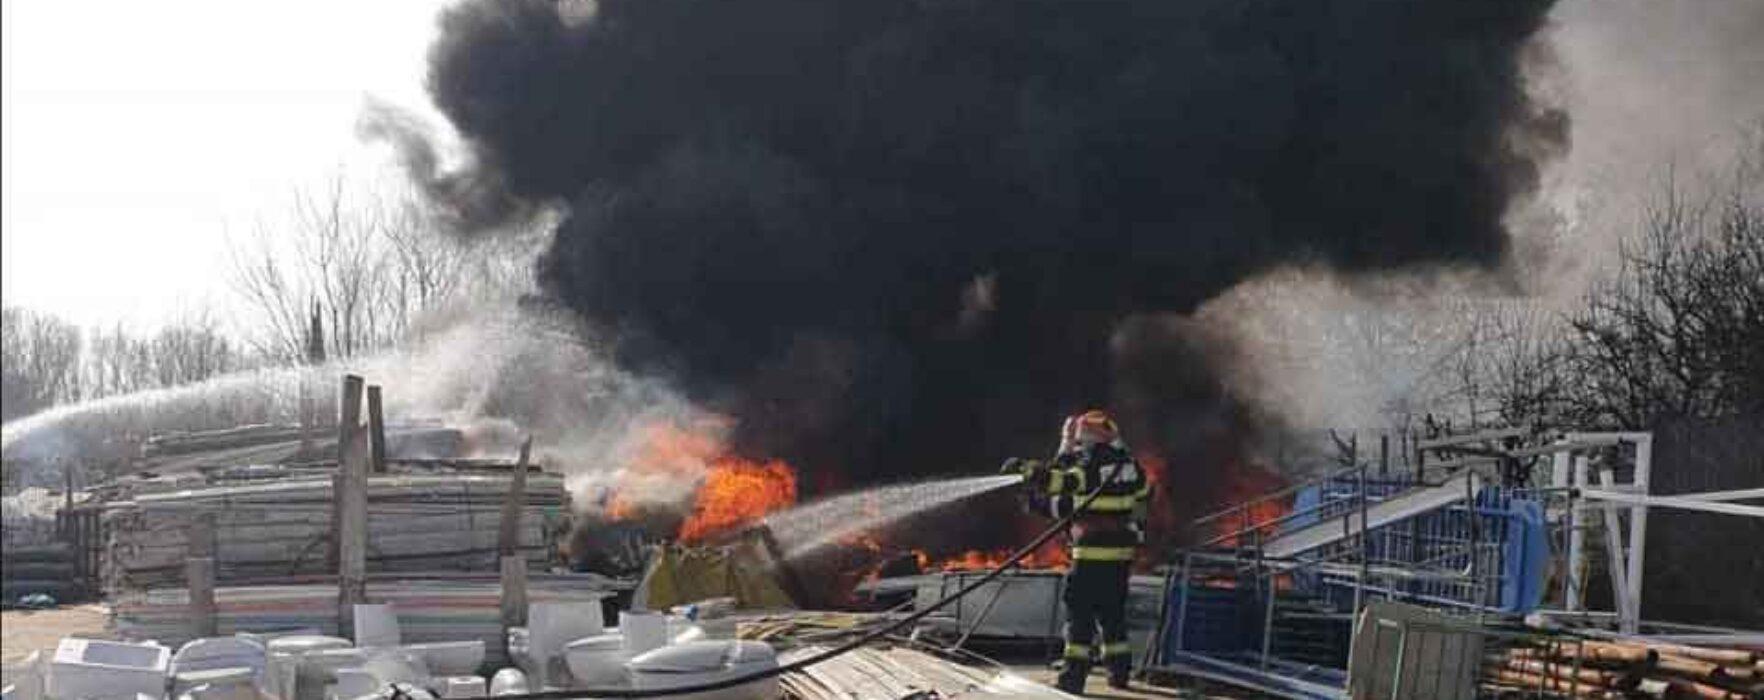 Târgovişte: Incendiu la un depozit exterior de mase plastice şi deşeuri; au ars 10 tone de mase plastice